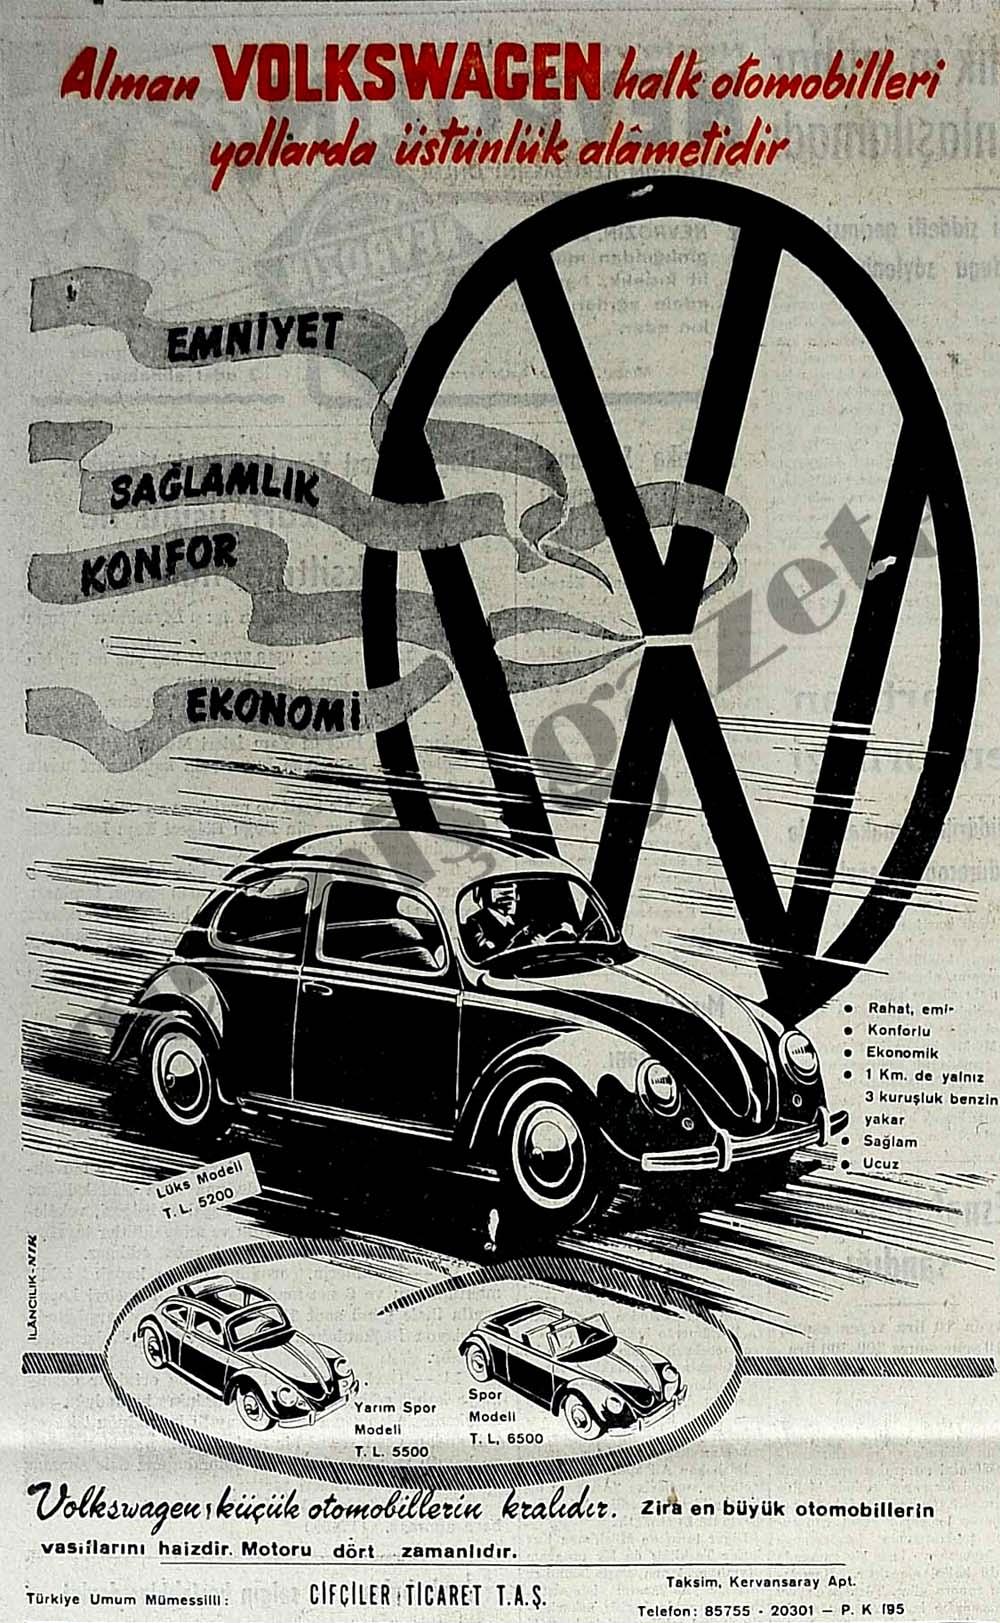 Alman Volkswagen halk otomobilleri yollarda üstünlük alametidir